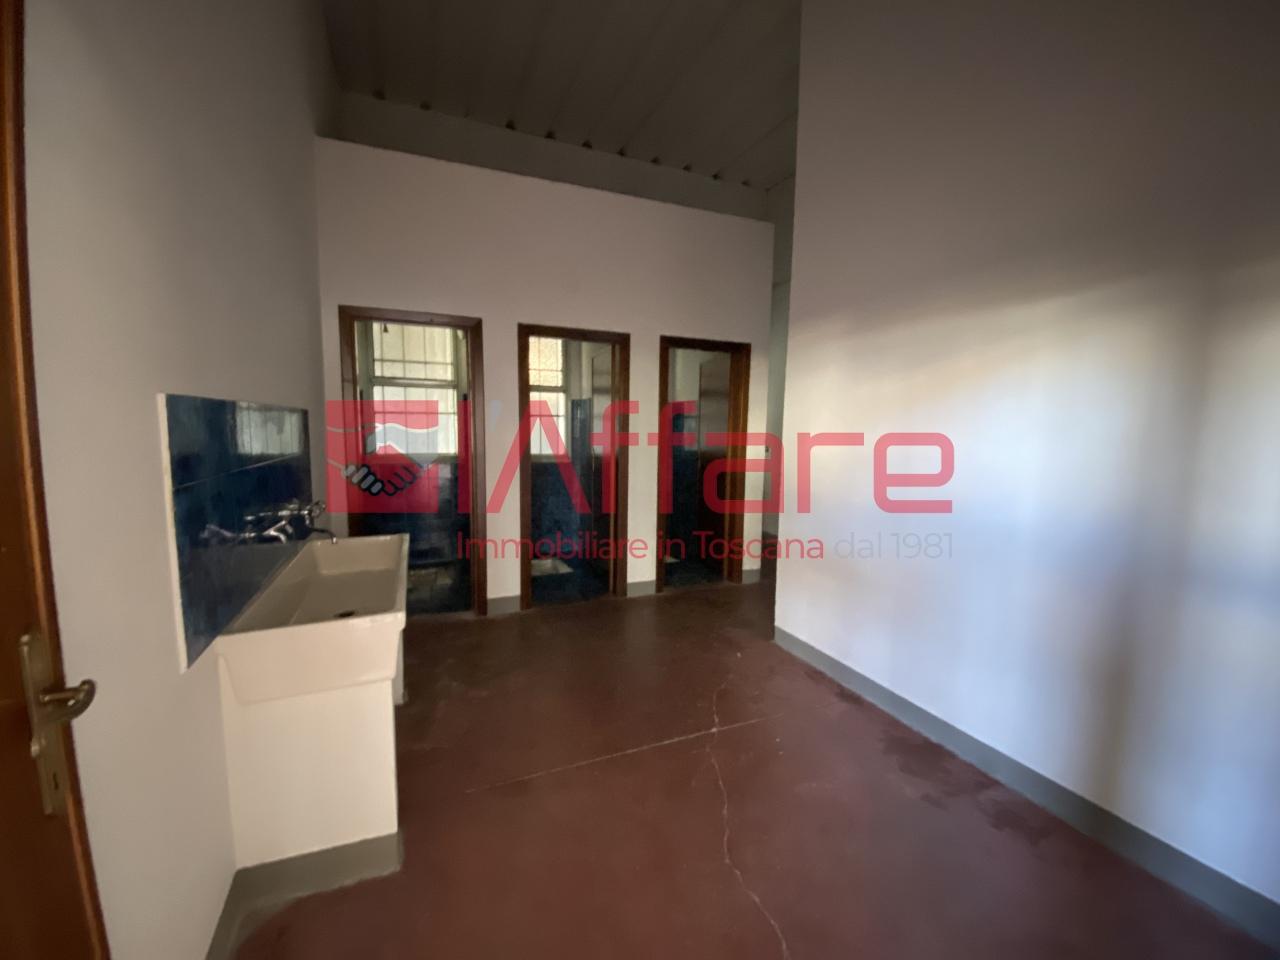 Capannone commerciale in vendita - Pieve a Nievole